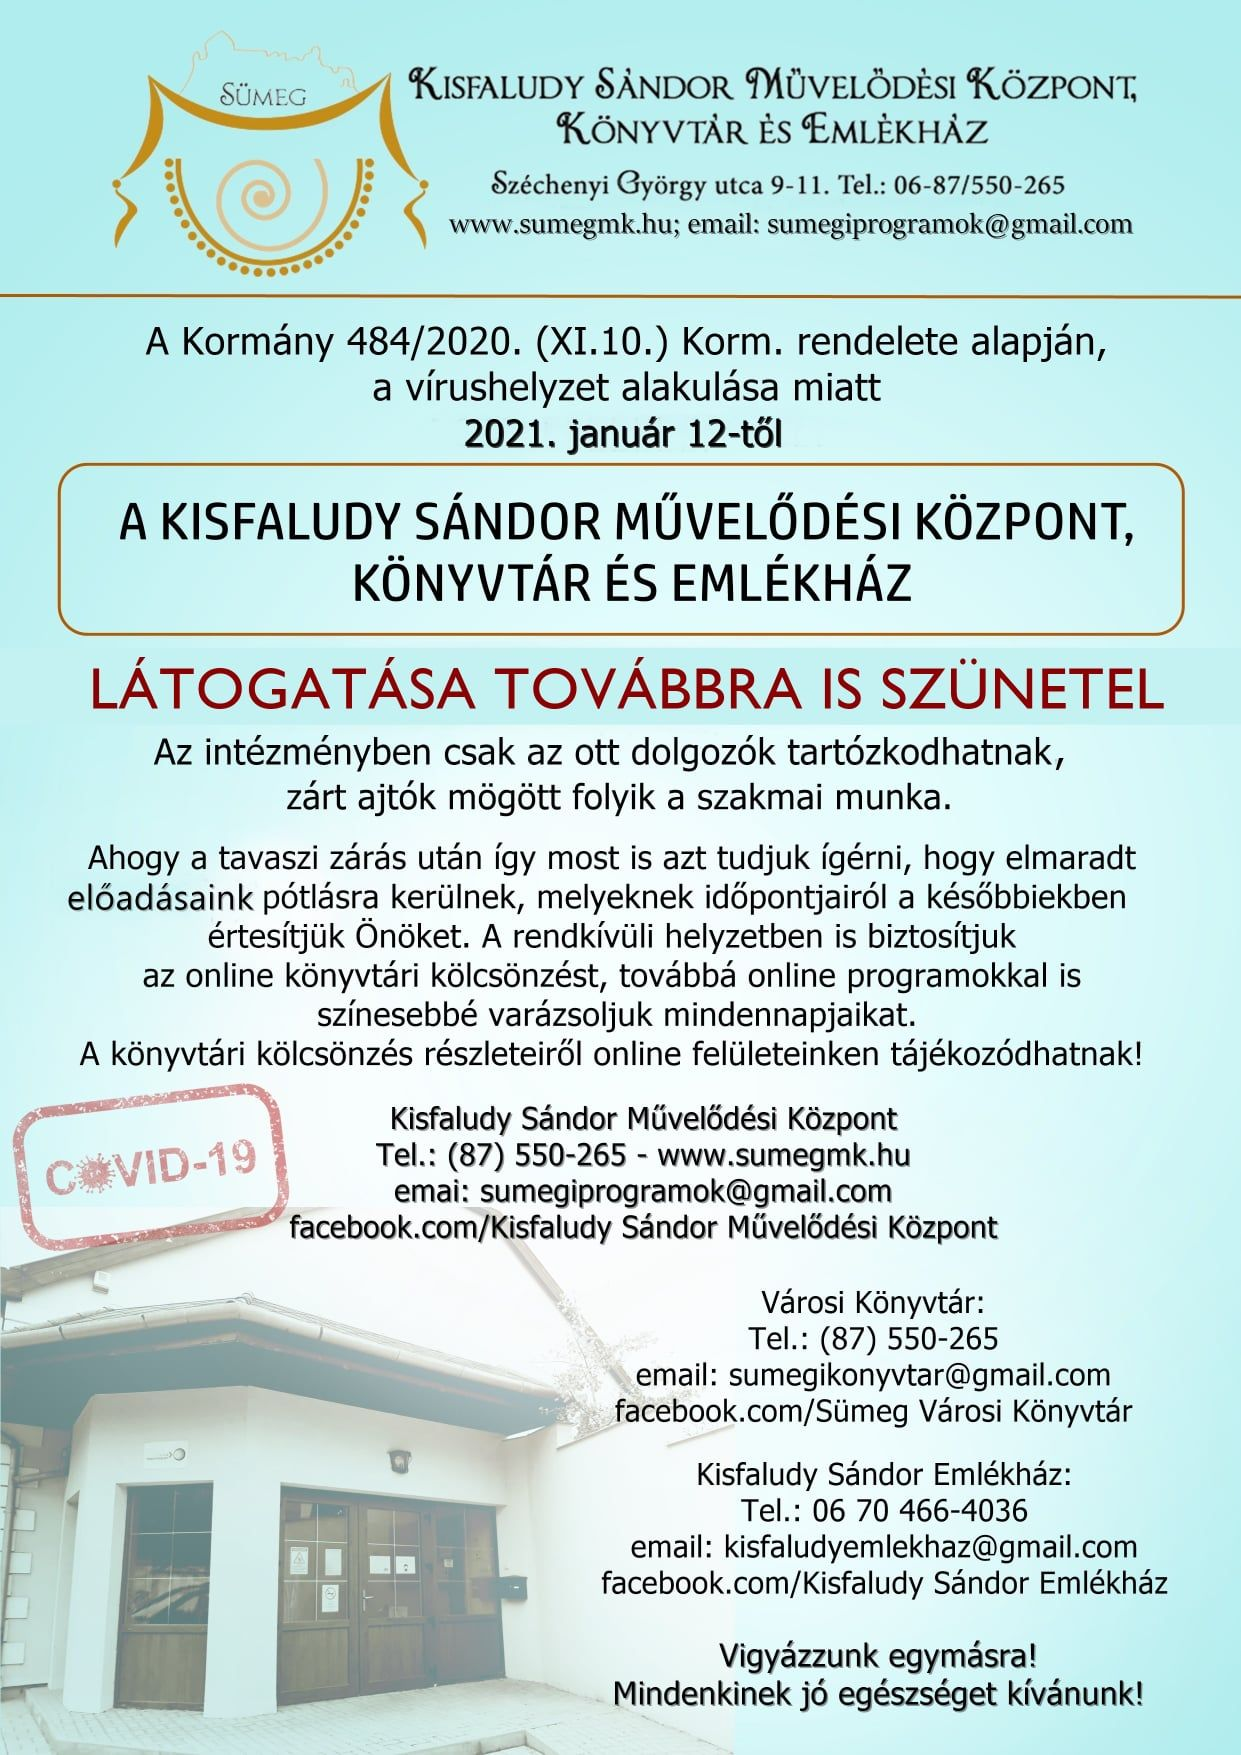 Látogatás szünetel- Kisfaludy Sándor Művelődési Központban